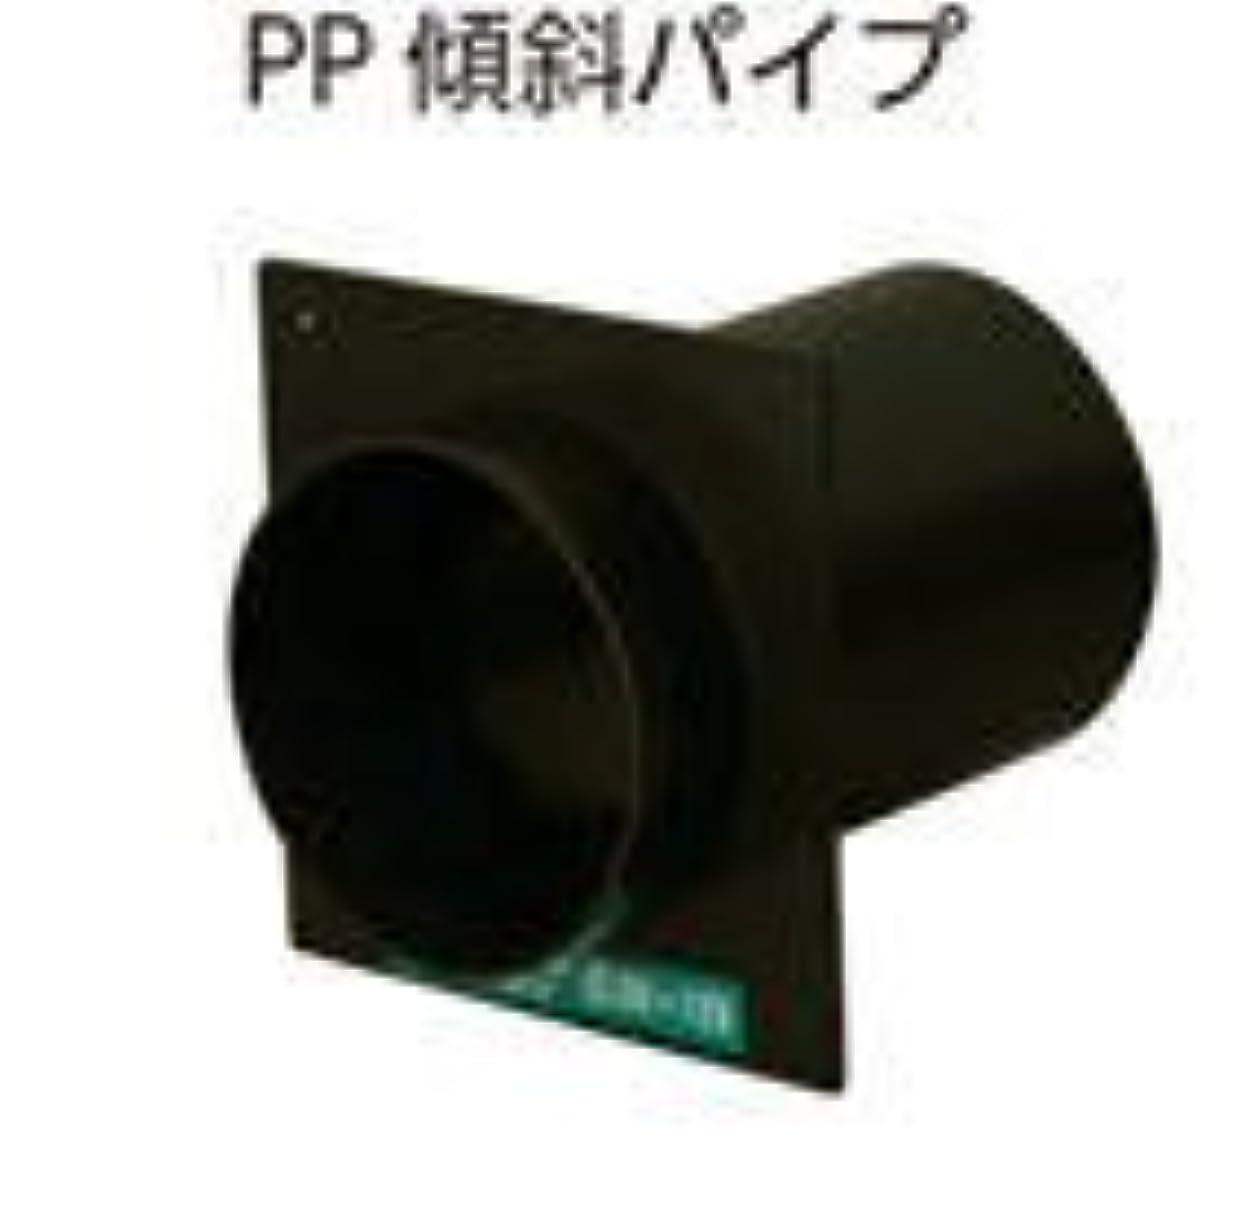 クラック思い出なくなるカナイ PP傾斜パイプ PP-E 100φ×36-129 055-1425